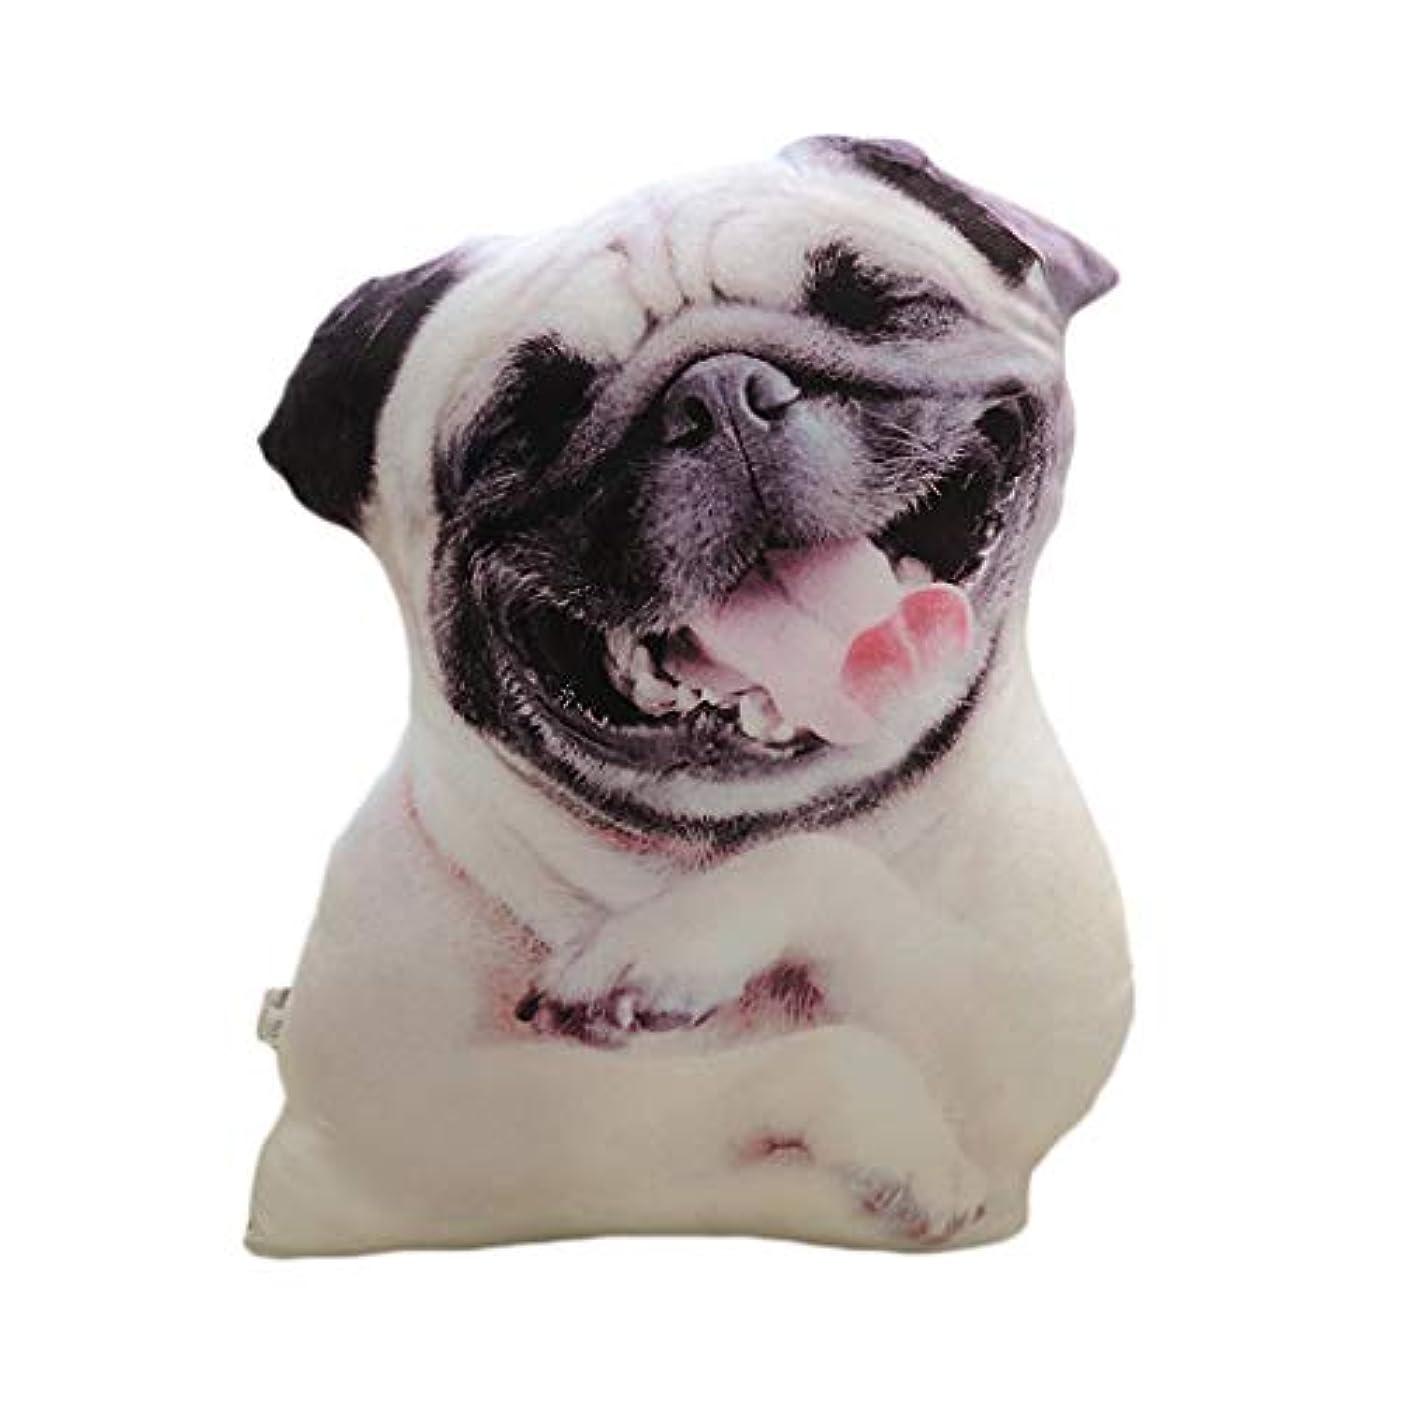 立派なコントローラ厳LIFE 装飾クッションソファおかしい 3D 犬印刷スロー枕創造クッションかわいいぬいぐるみギフト家の装飾 coussin decoratif クッション 椅子